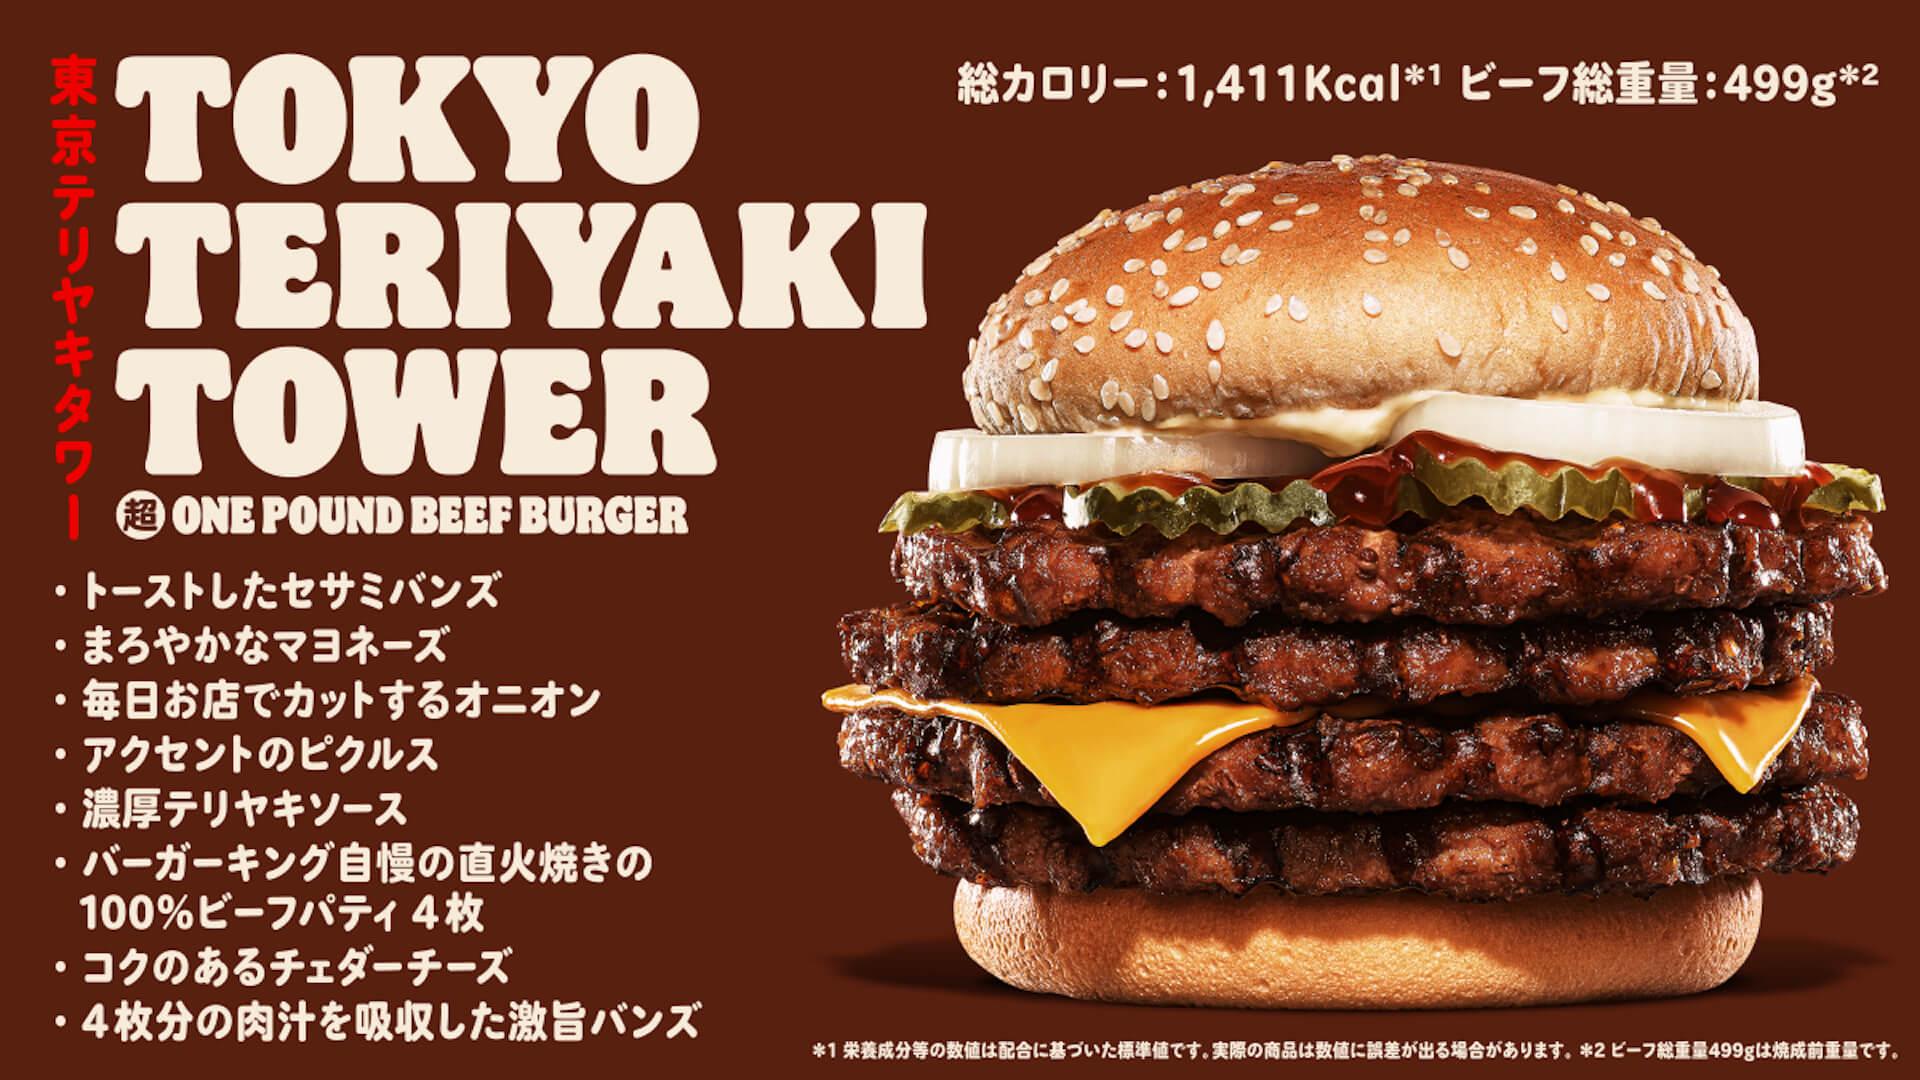 バーガーキングの超ワンパウンドビーフバーガーシリーズに『東京テリヤキタワー超ワンパウンドビーフバーガー』が新登場! gourmet210624_burgerking_4